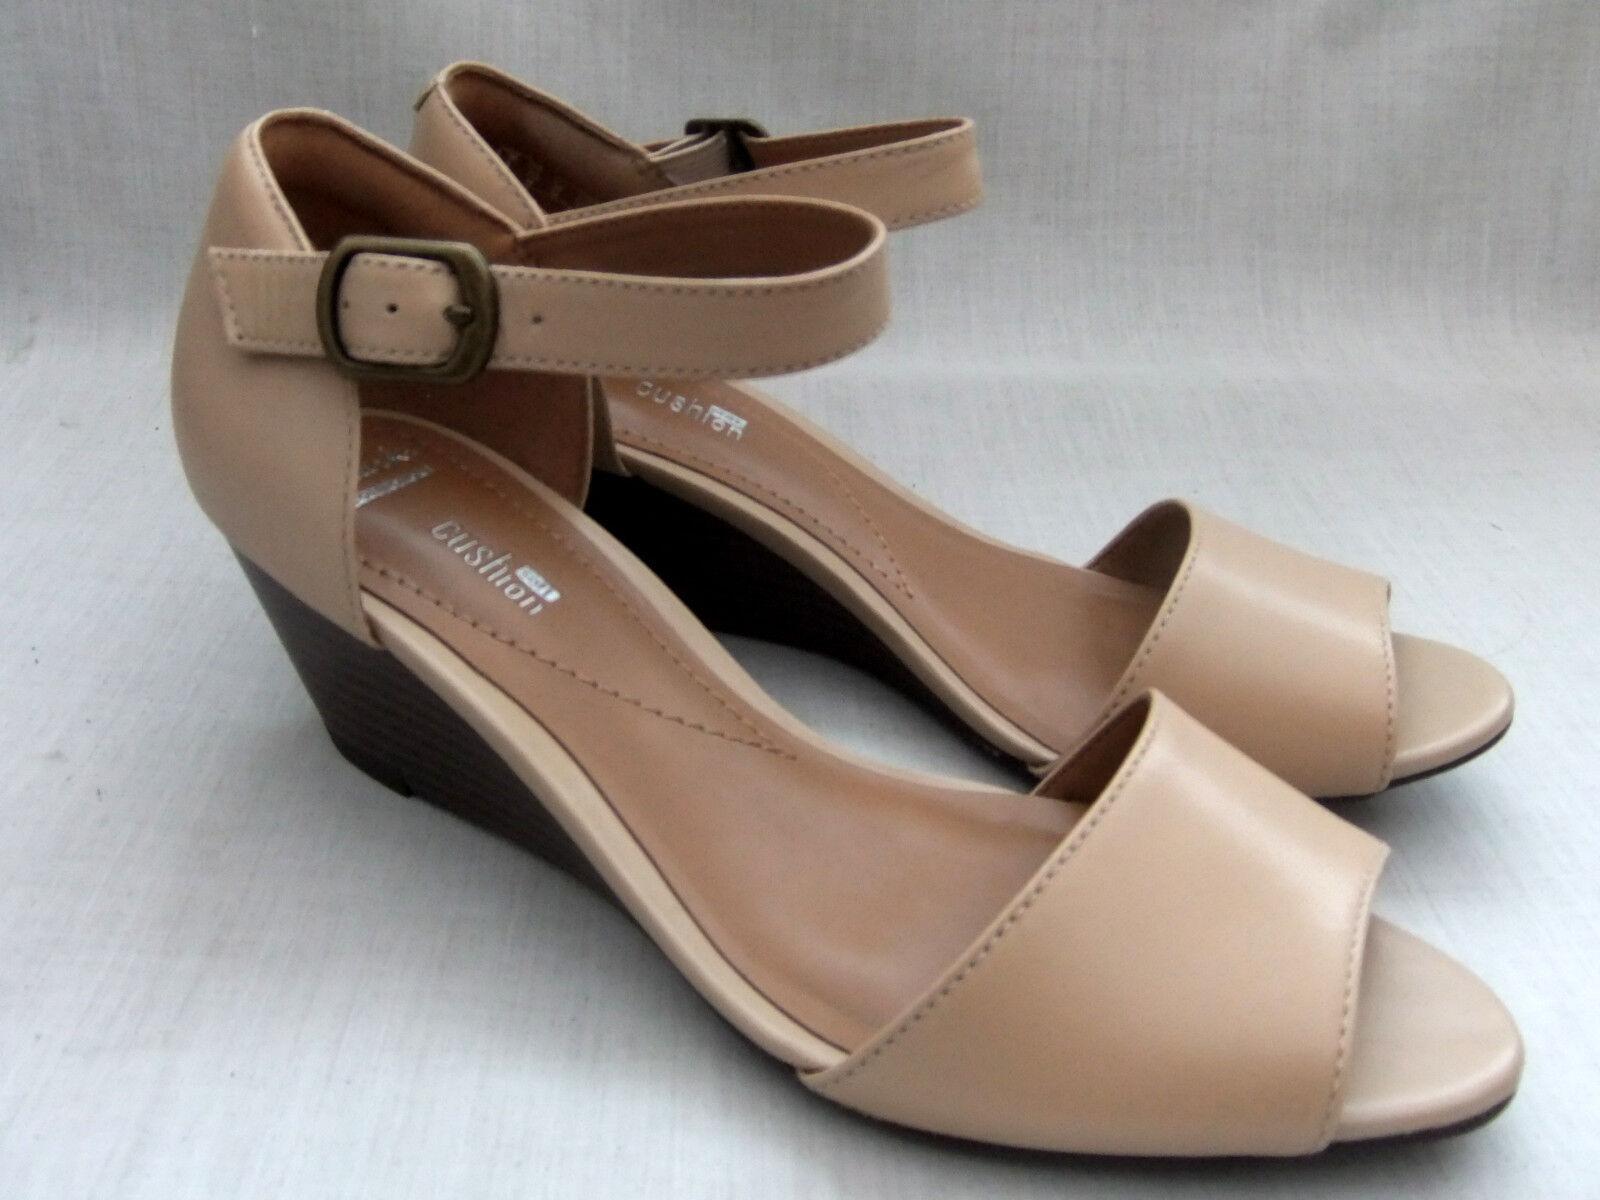 New Clarks Brielle Drive femme nue en cuir des sandales compensées